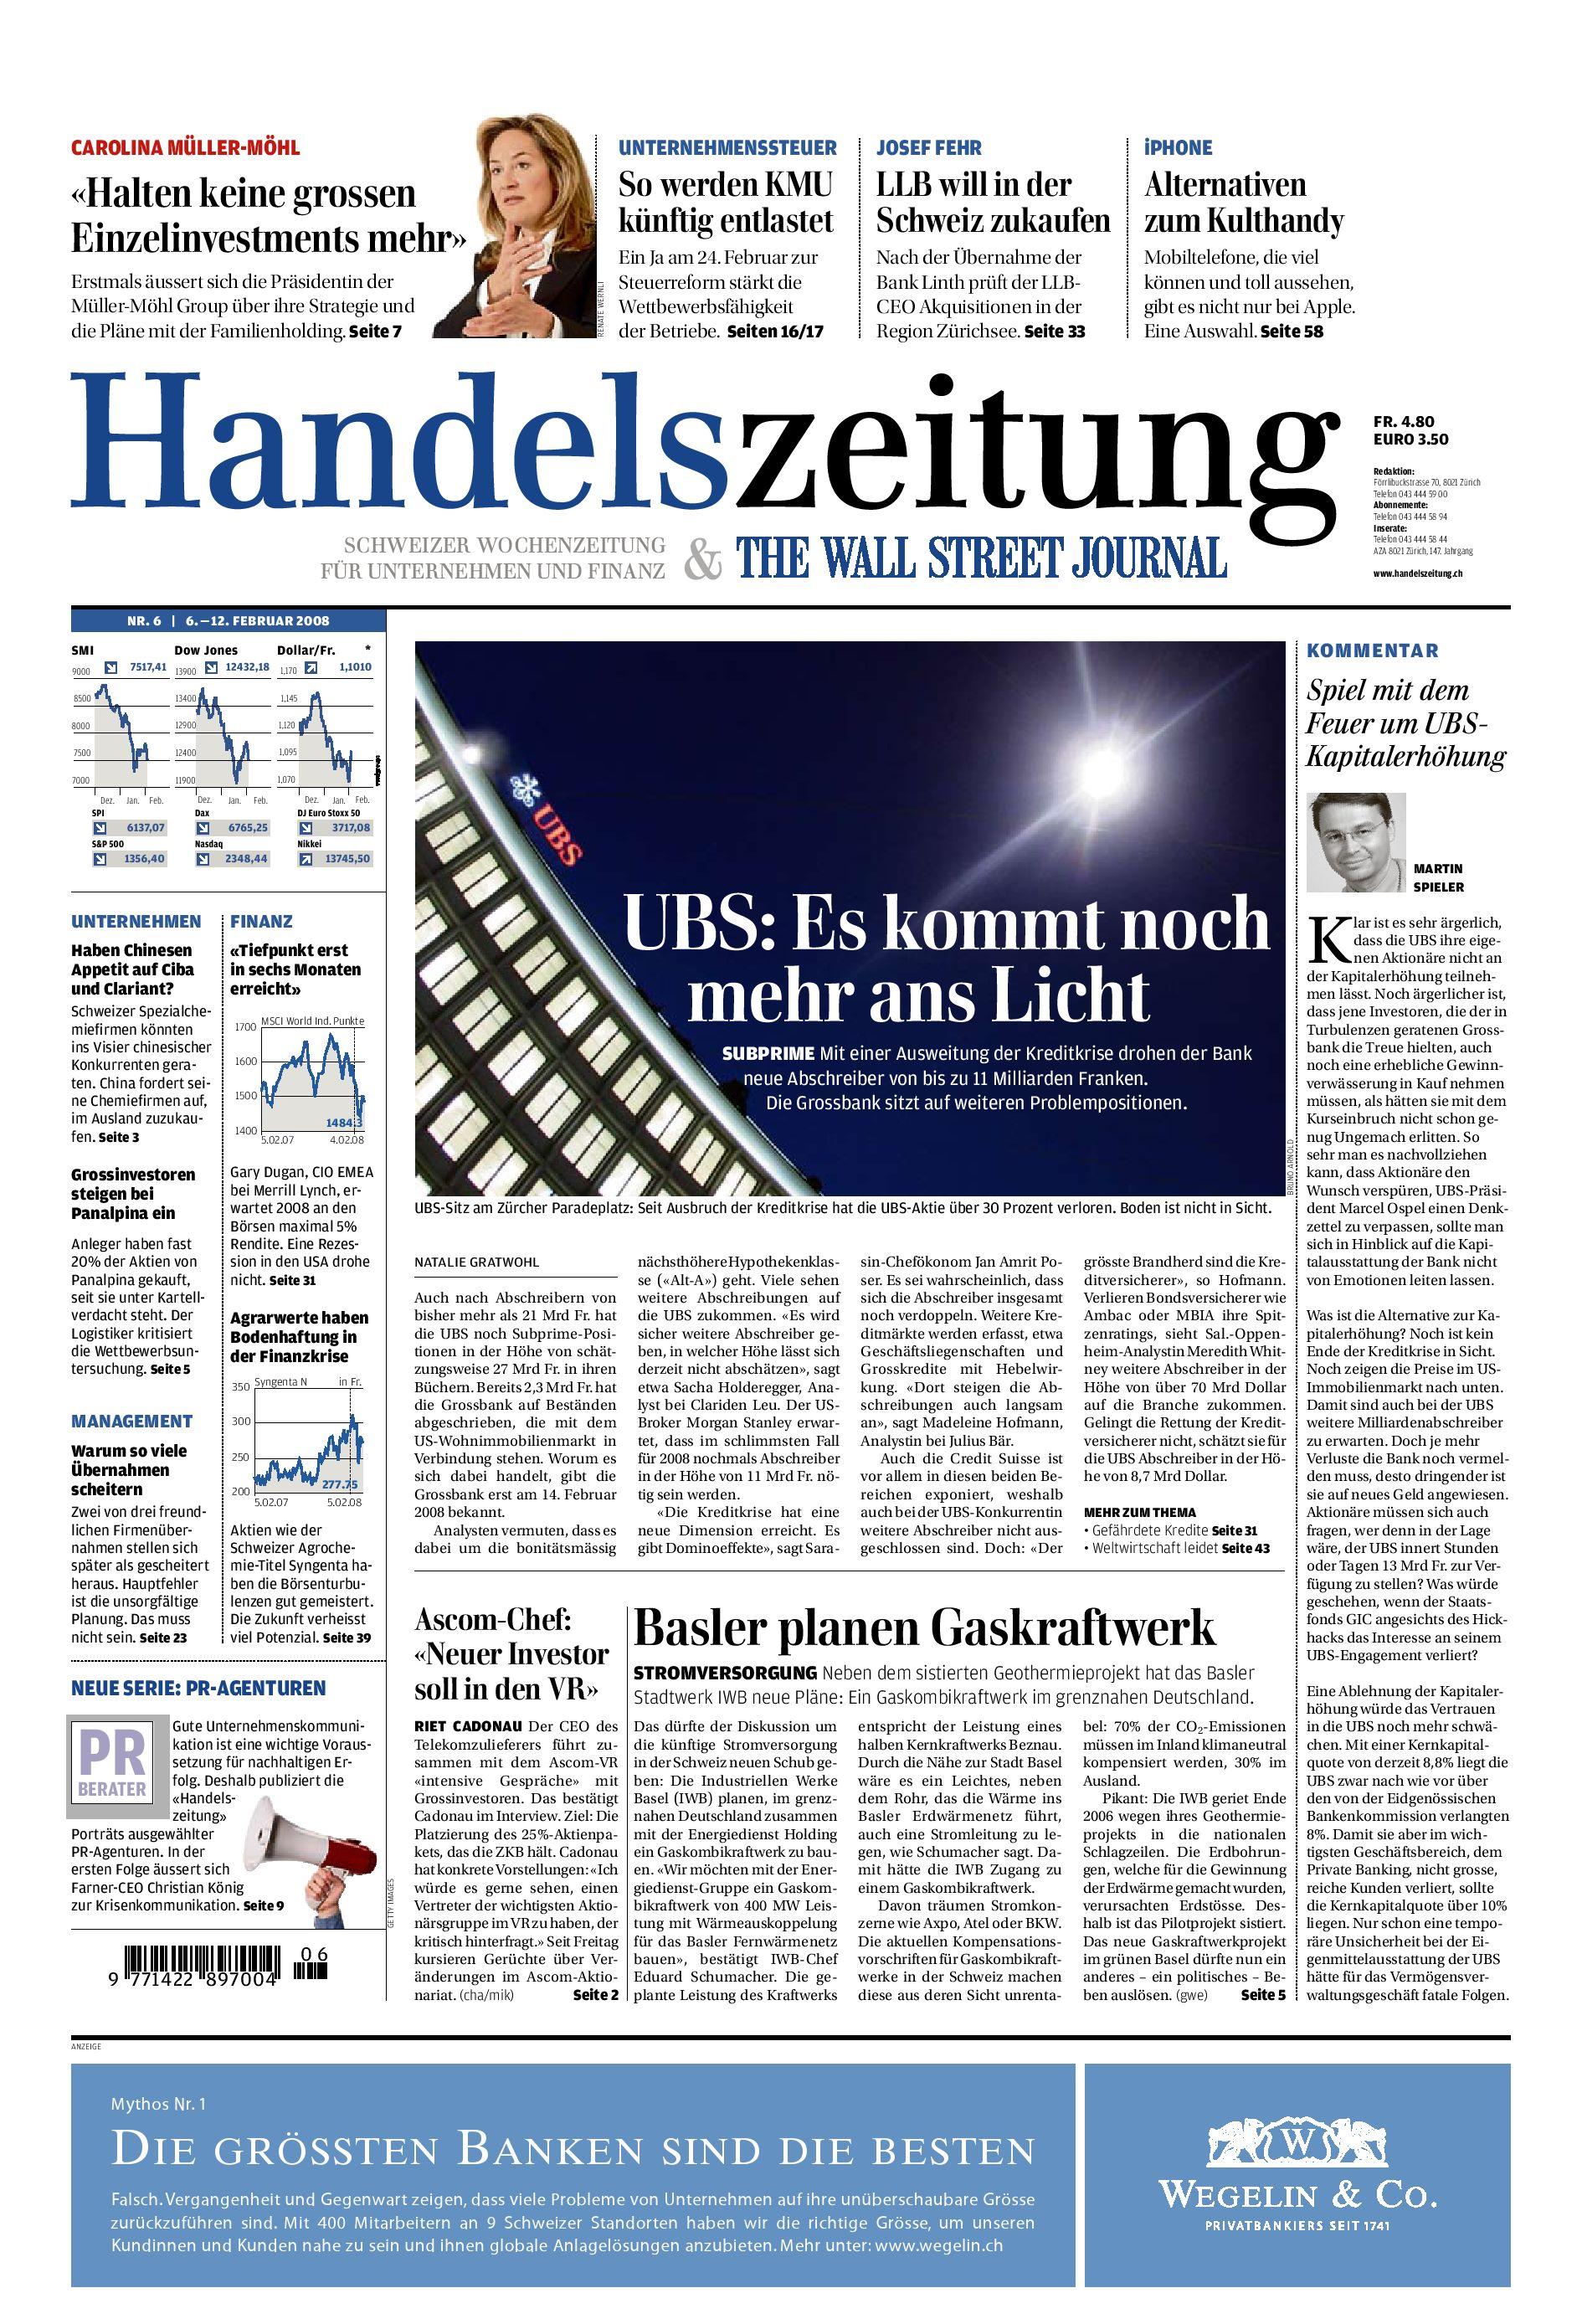 Handelszeitung vom 6. Februar 2008 by christoph - issuu